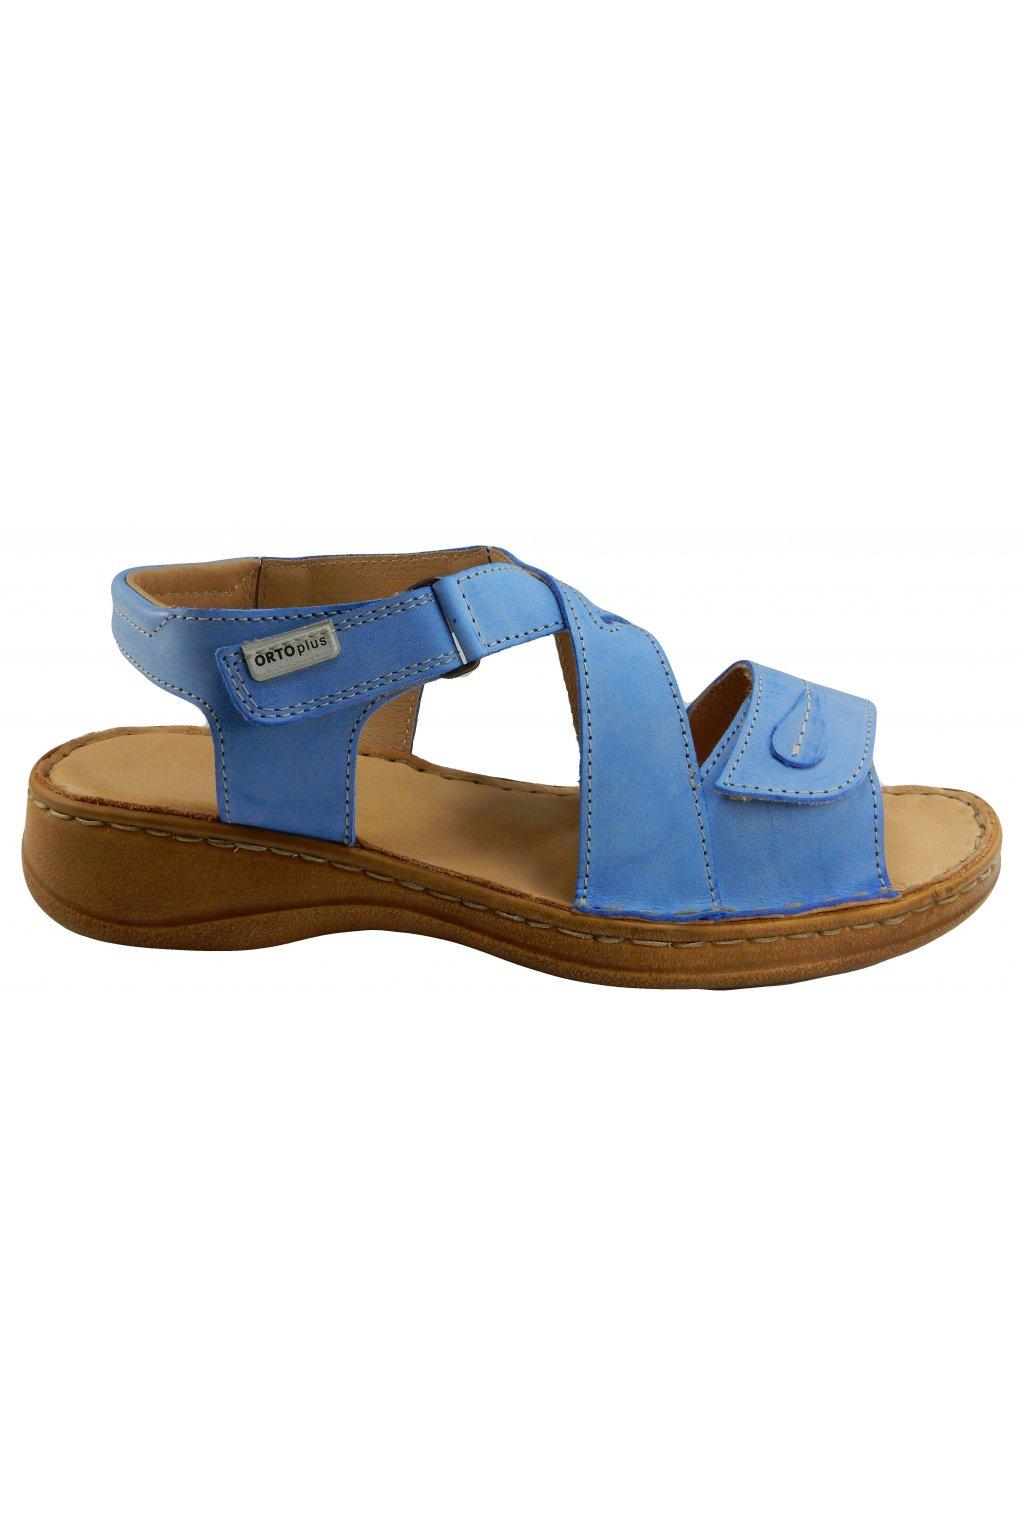 Dámské vycházkové zdravotní sandále ORTO PLUS 6087